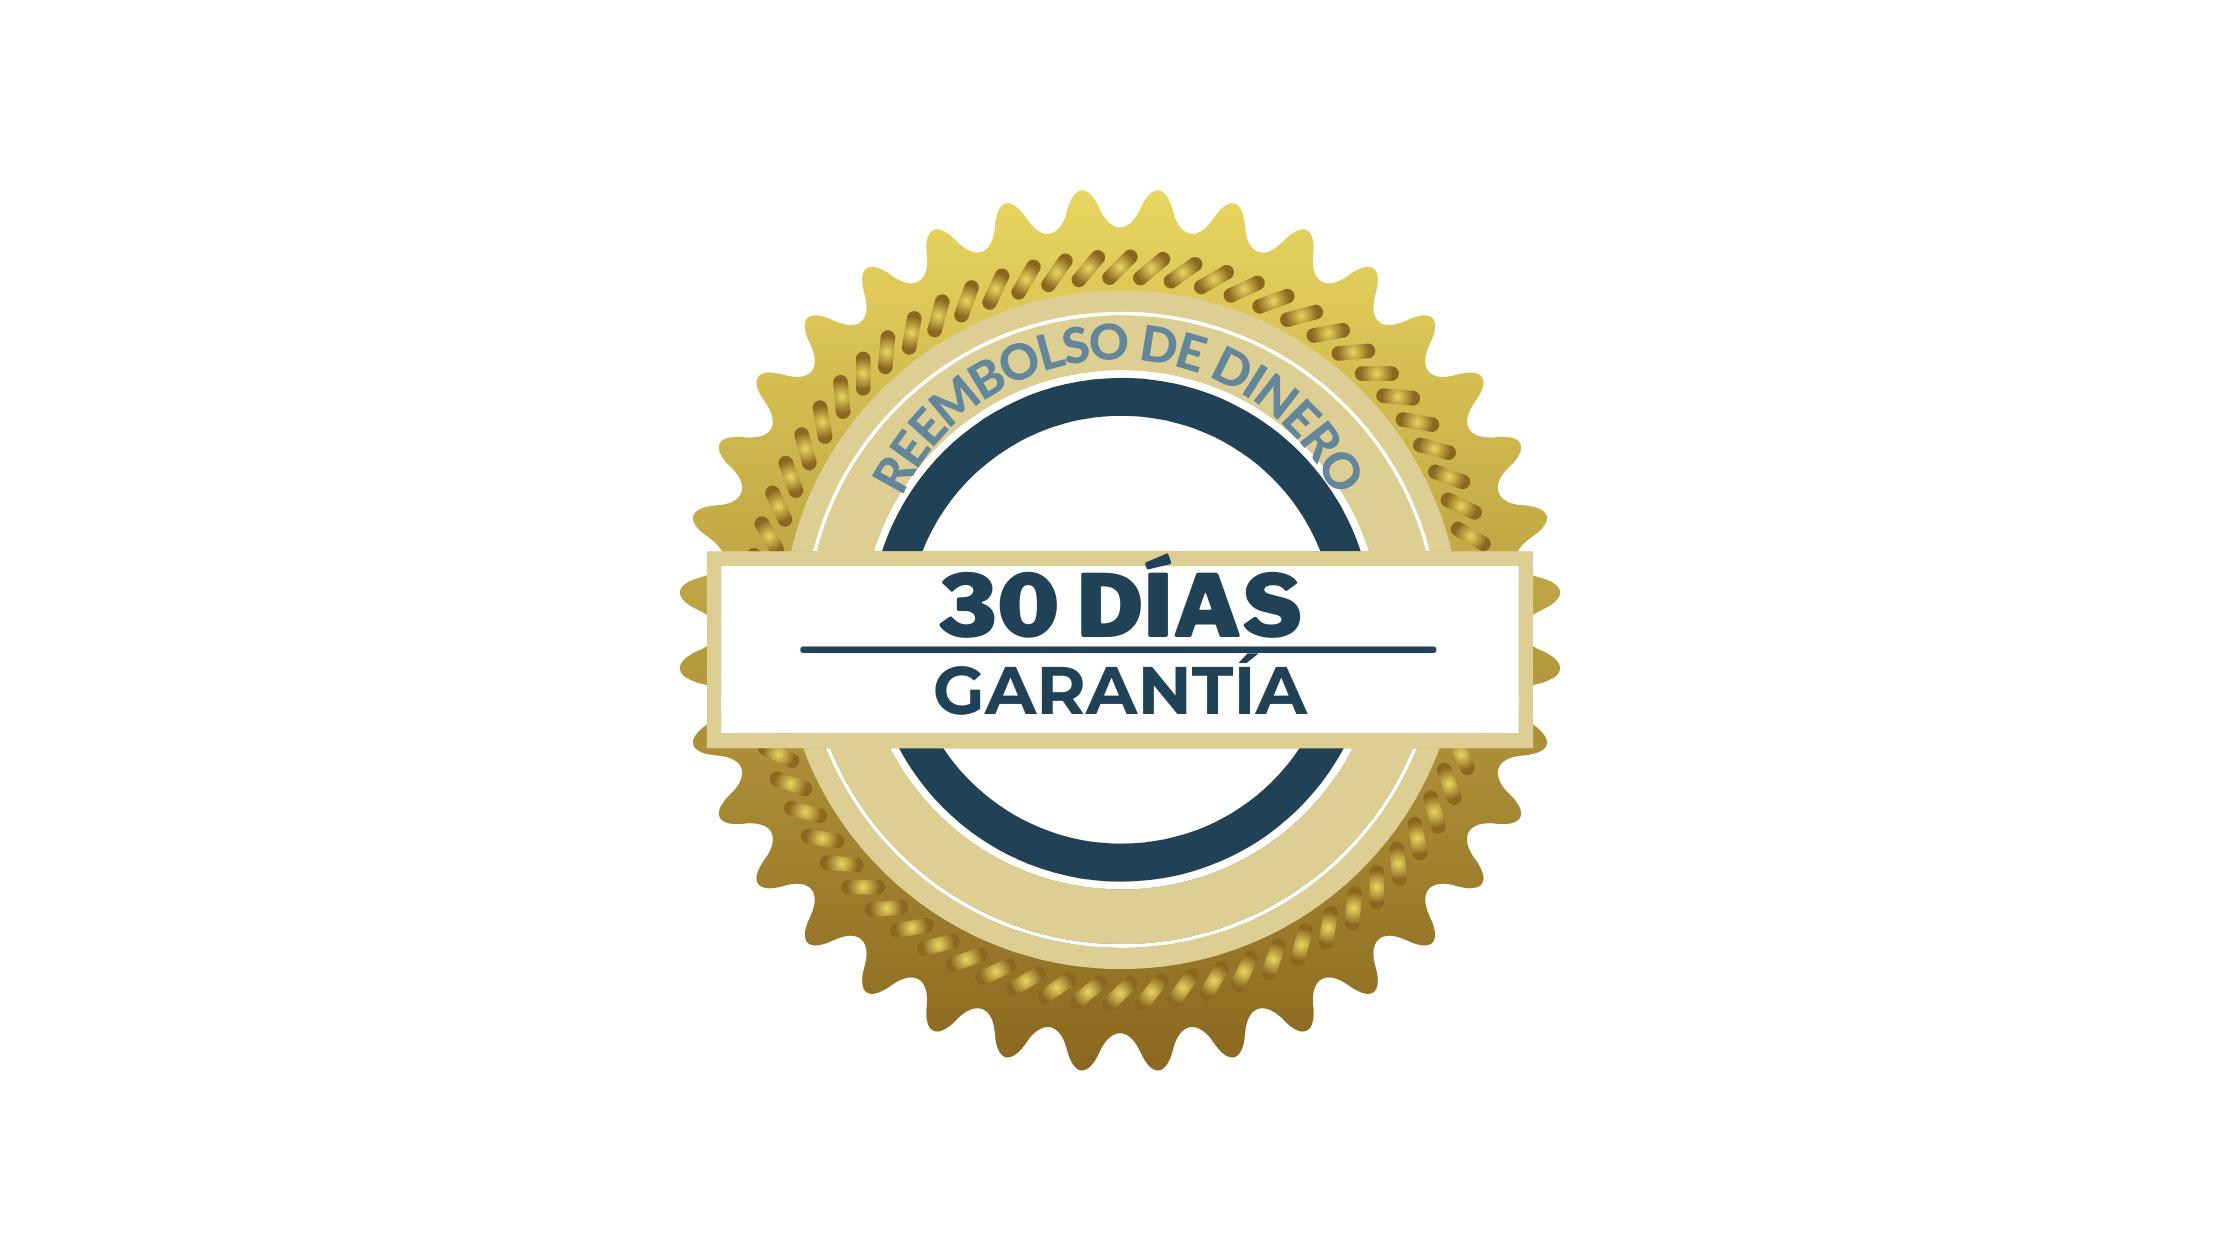 30 Días Satisfacción Garantizada - The House of Routing